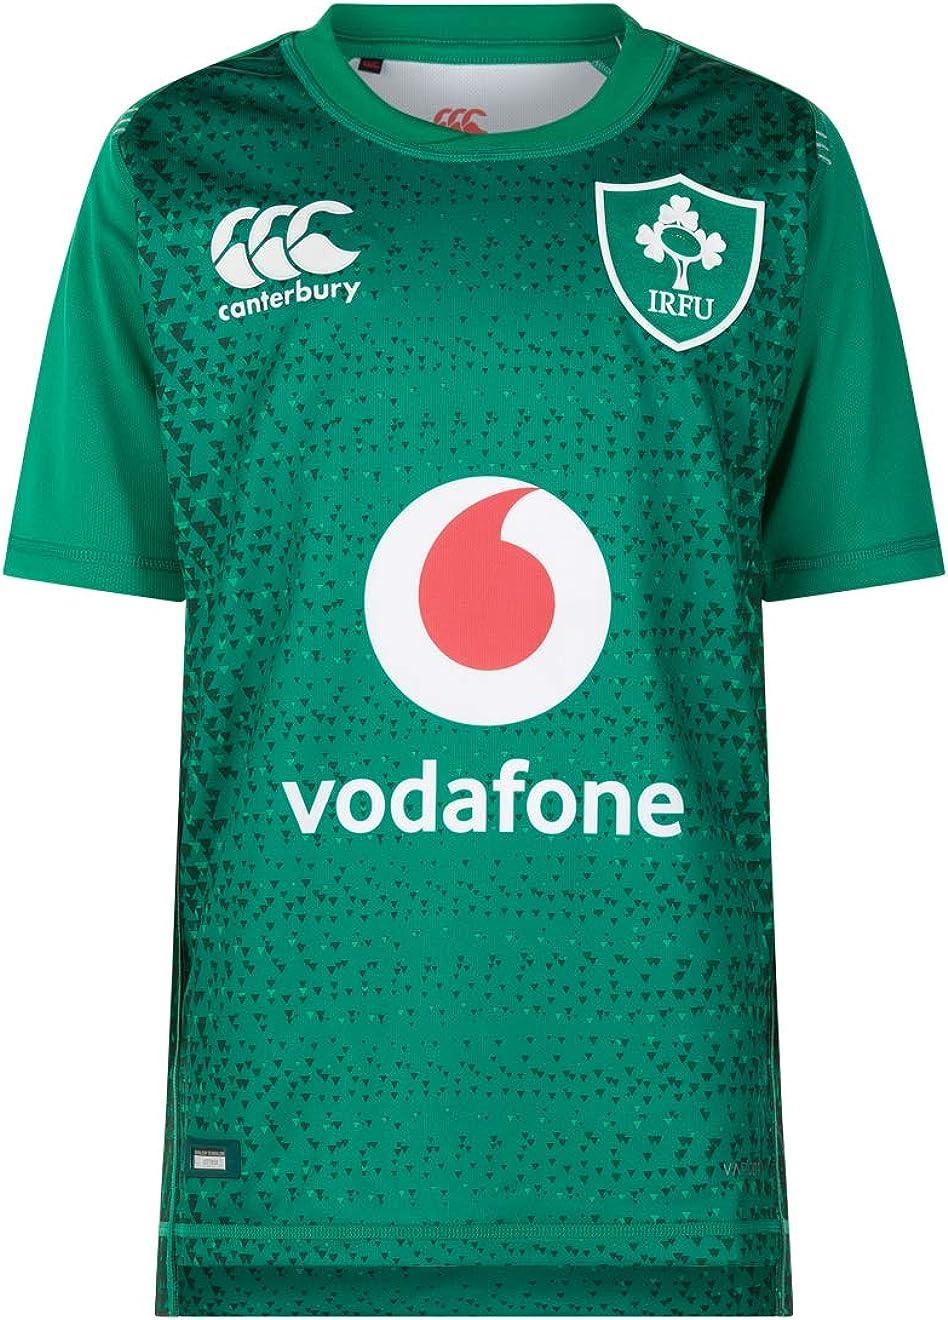 Canterbury - Camiseta de Rugby Oficial de Irlanda 18/19 para niños, Infantil, B809420T53: Amazon.es: Ropa y accesorios